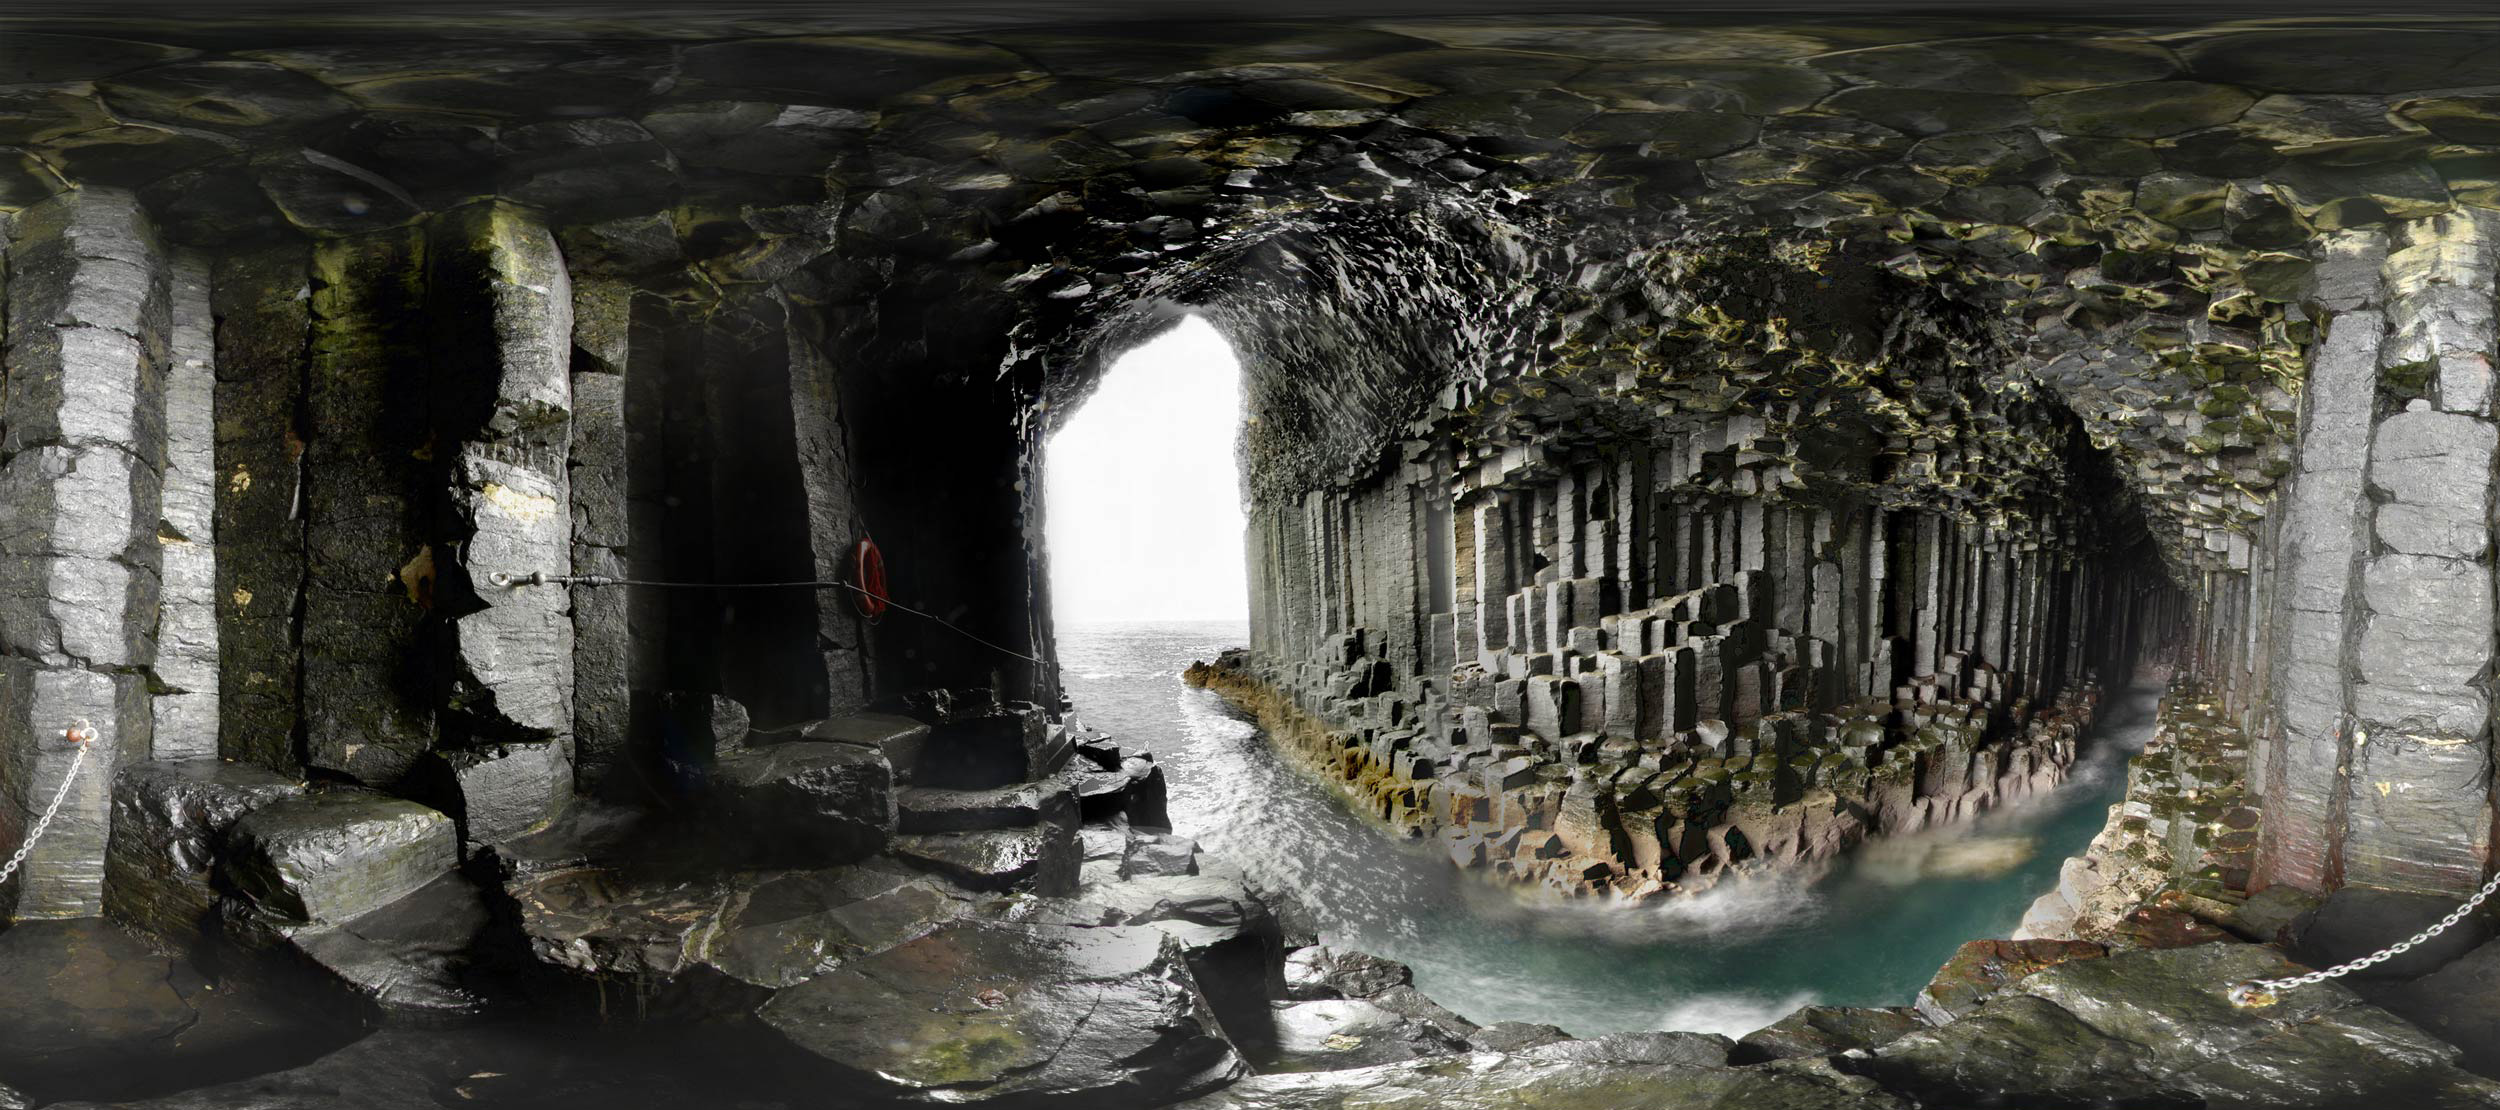 De grotten bij Staffa